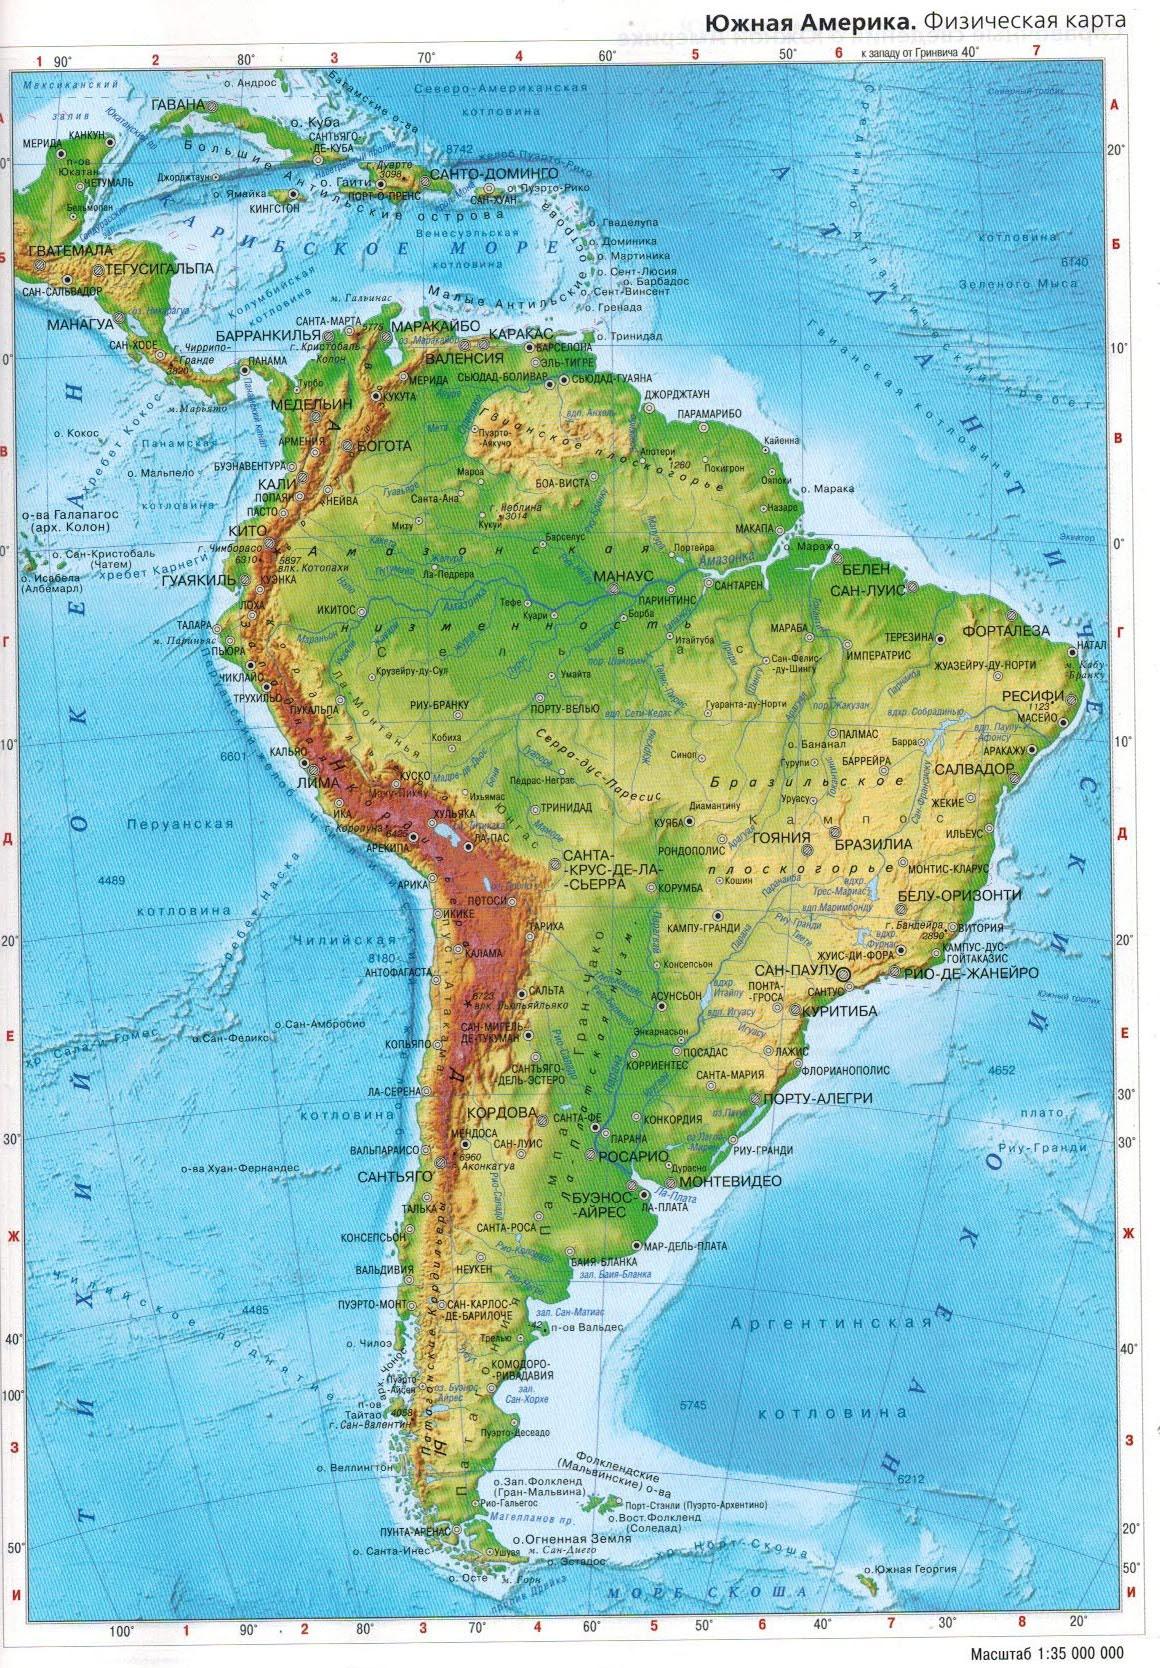 Настенная карта Южной Америки физическая, ламинированная, р-р 0,70*1,0 м